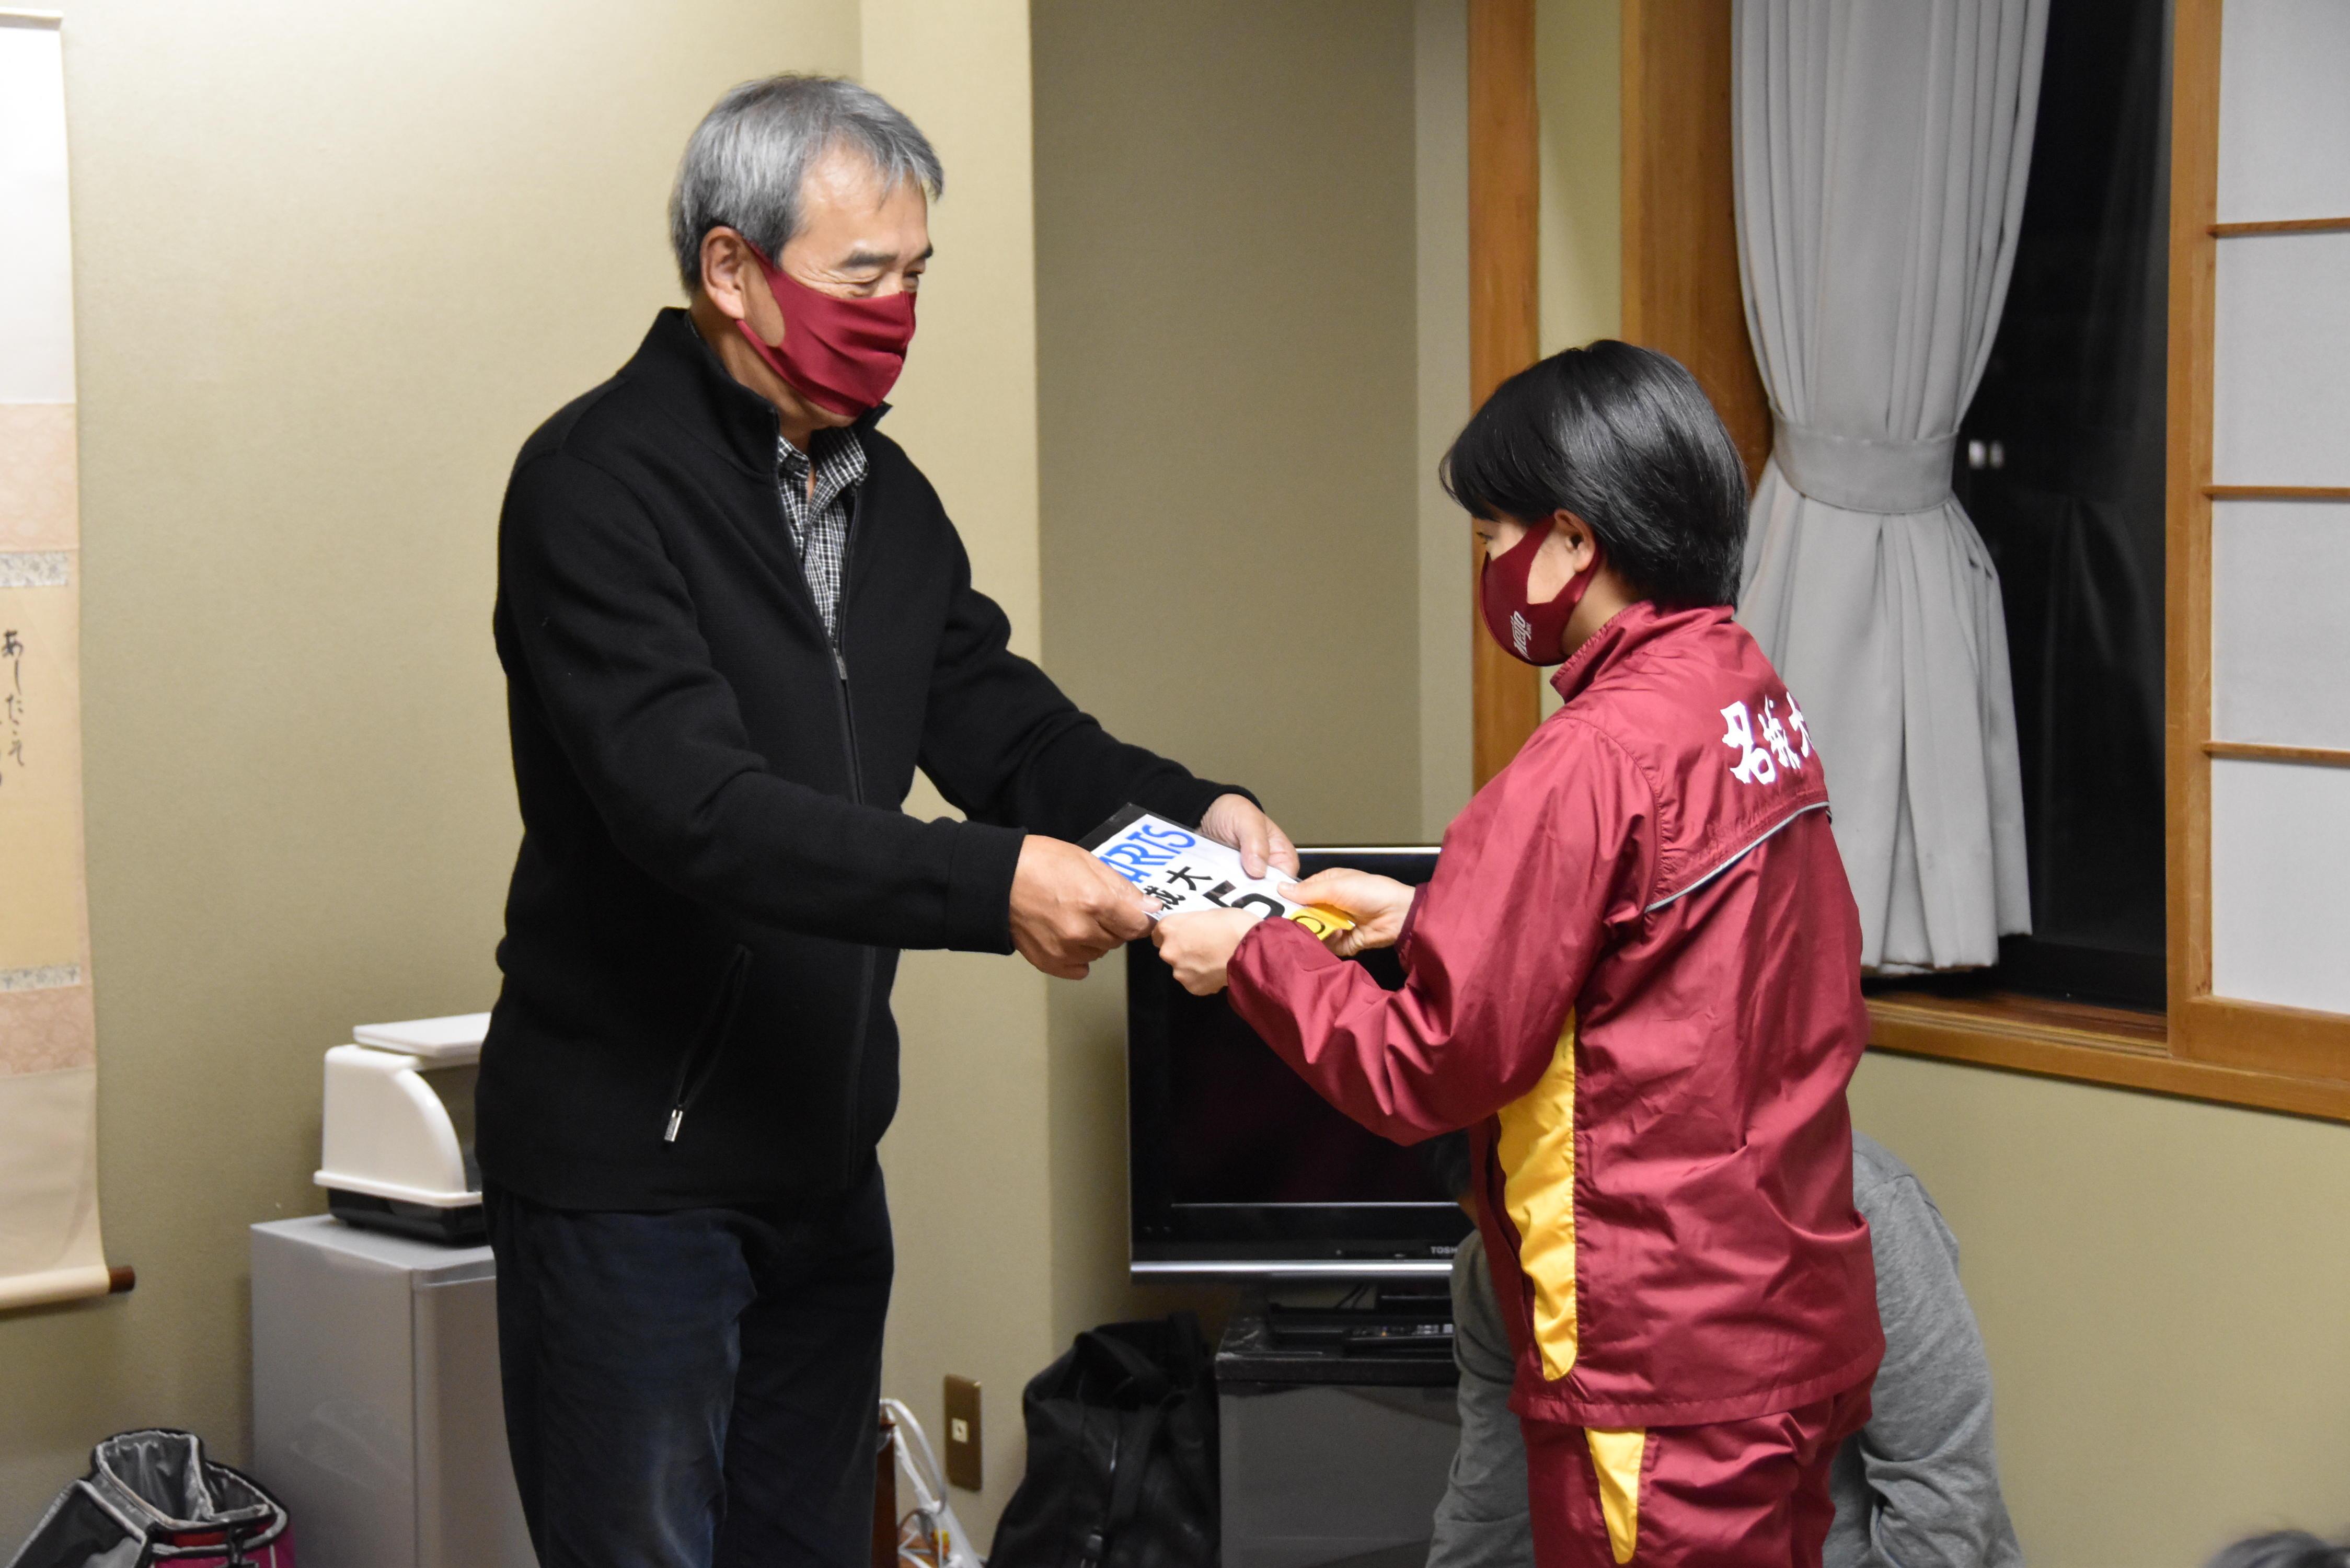 加鳥部長からゼッケンを手渡される加世田選手